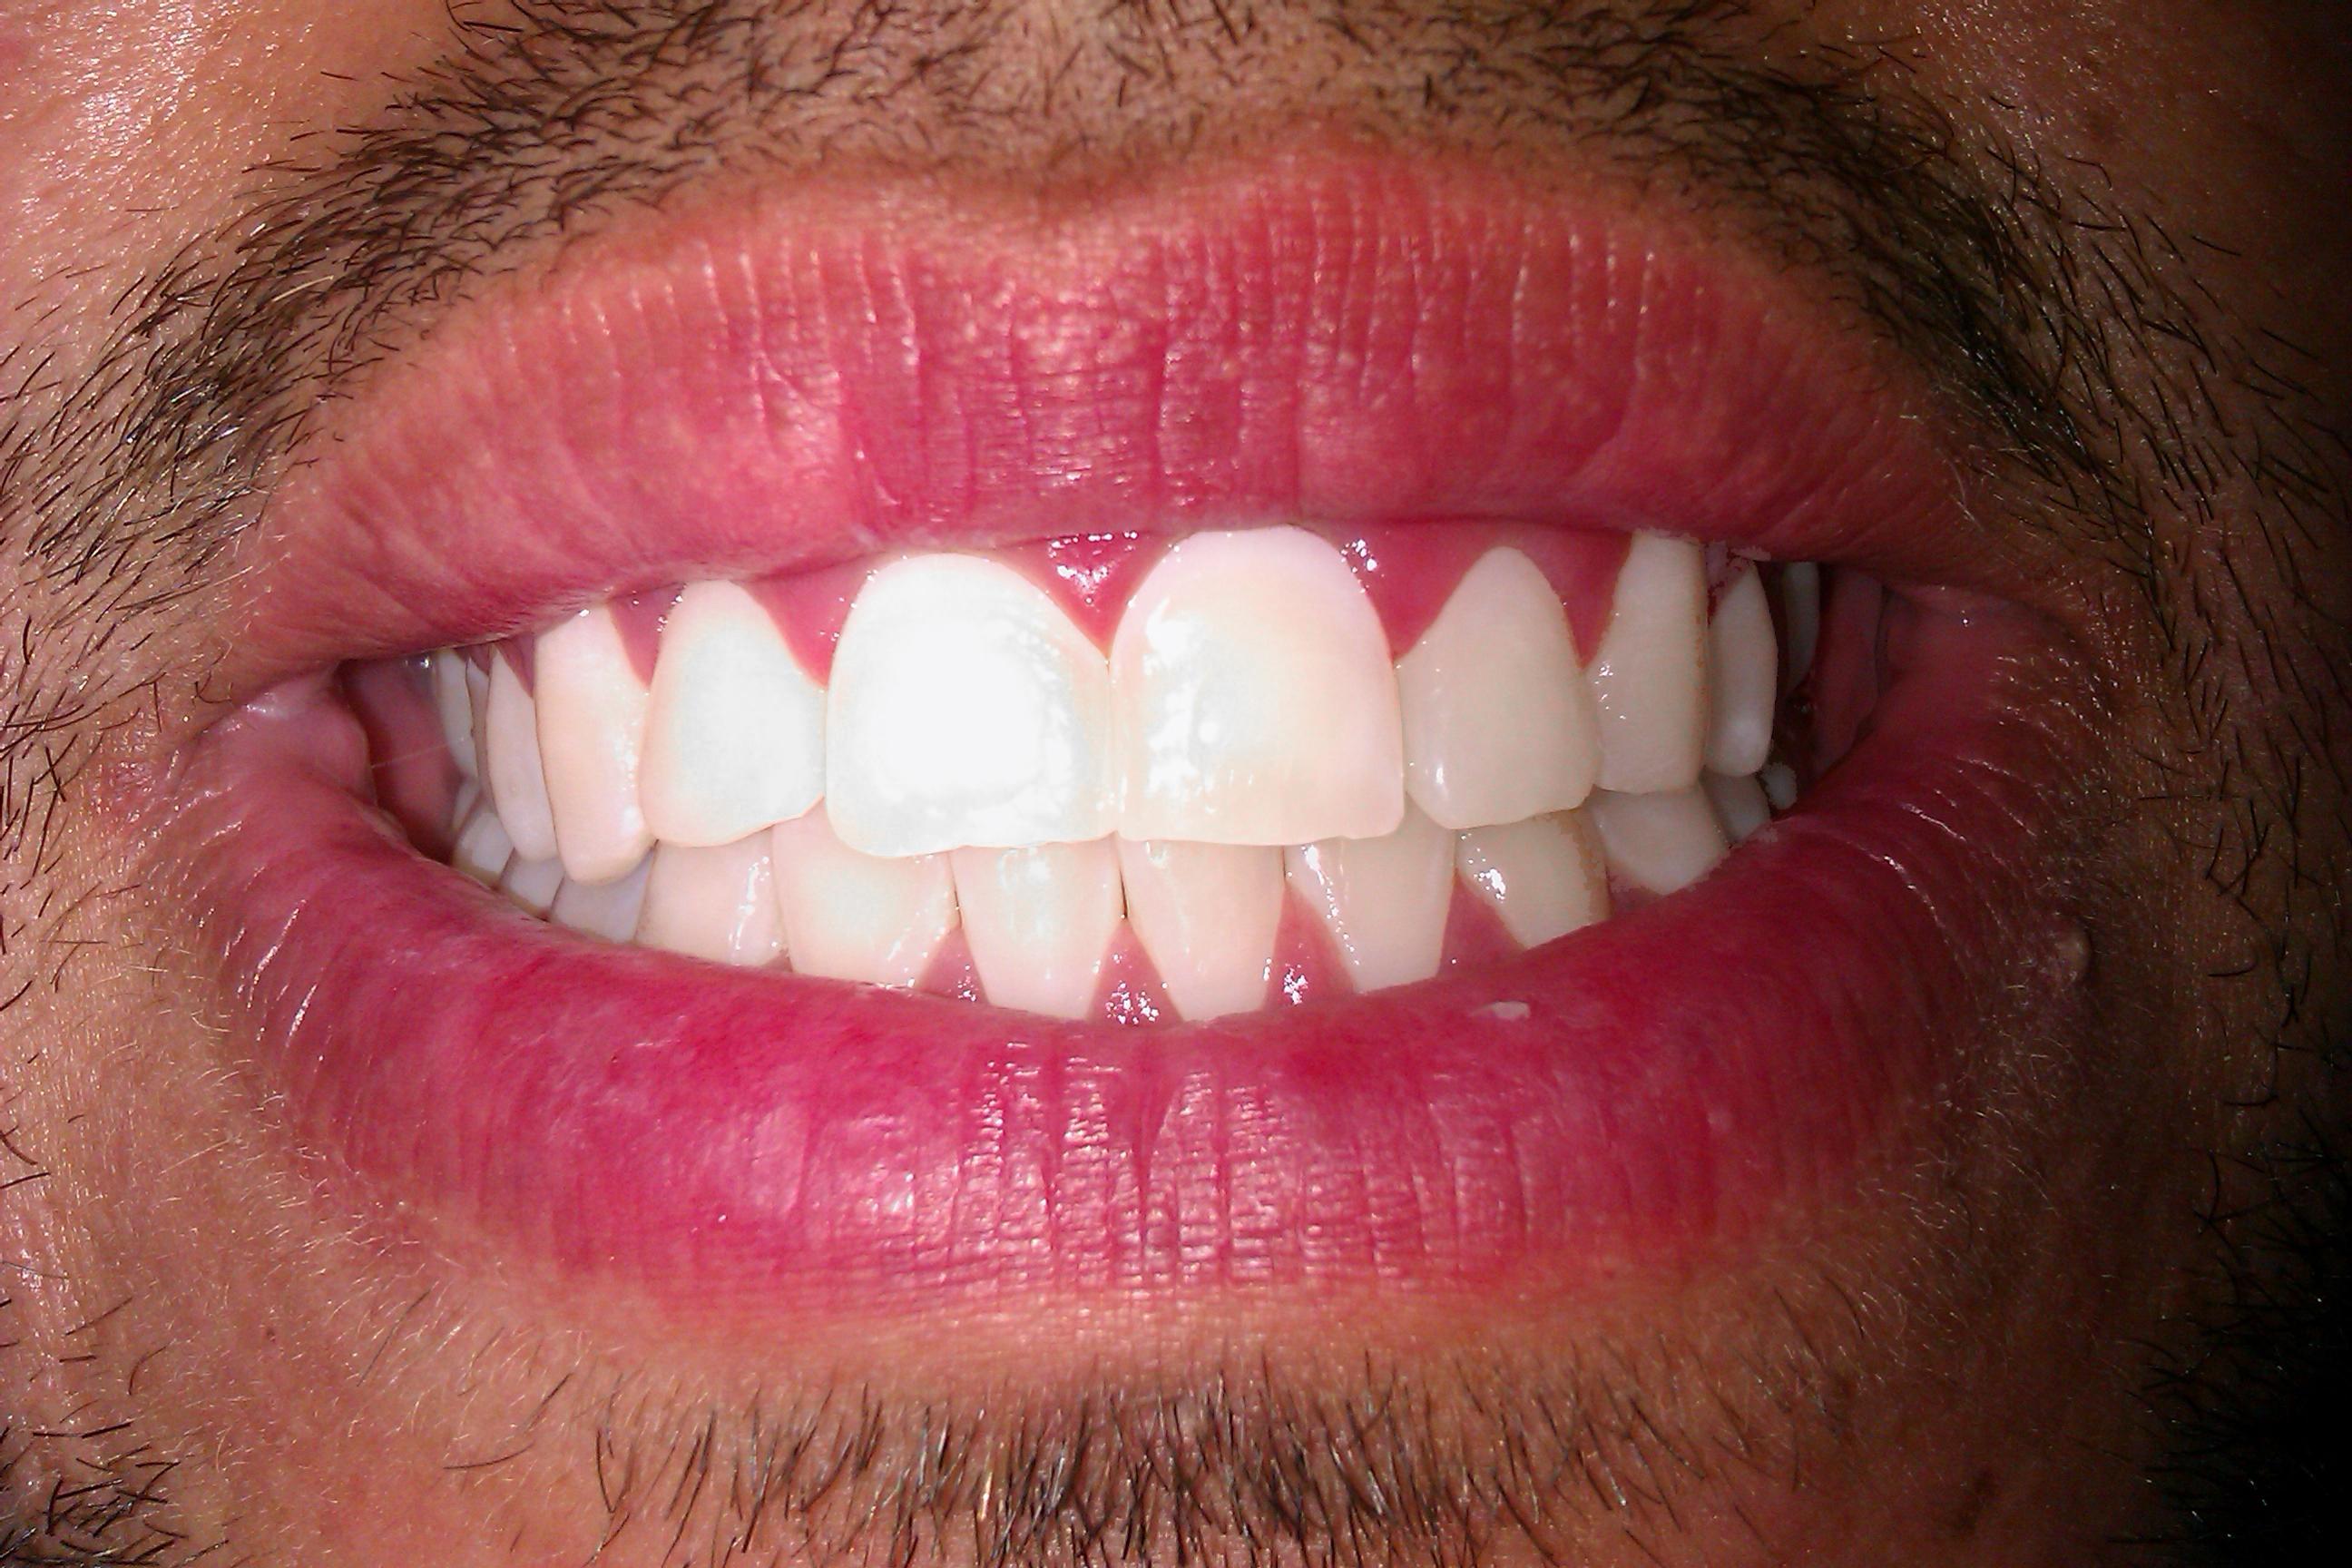 How Do I Make My Teeth White Naturally